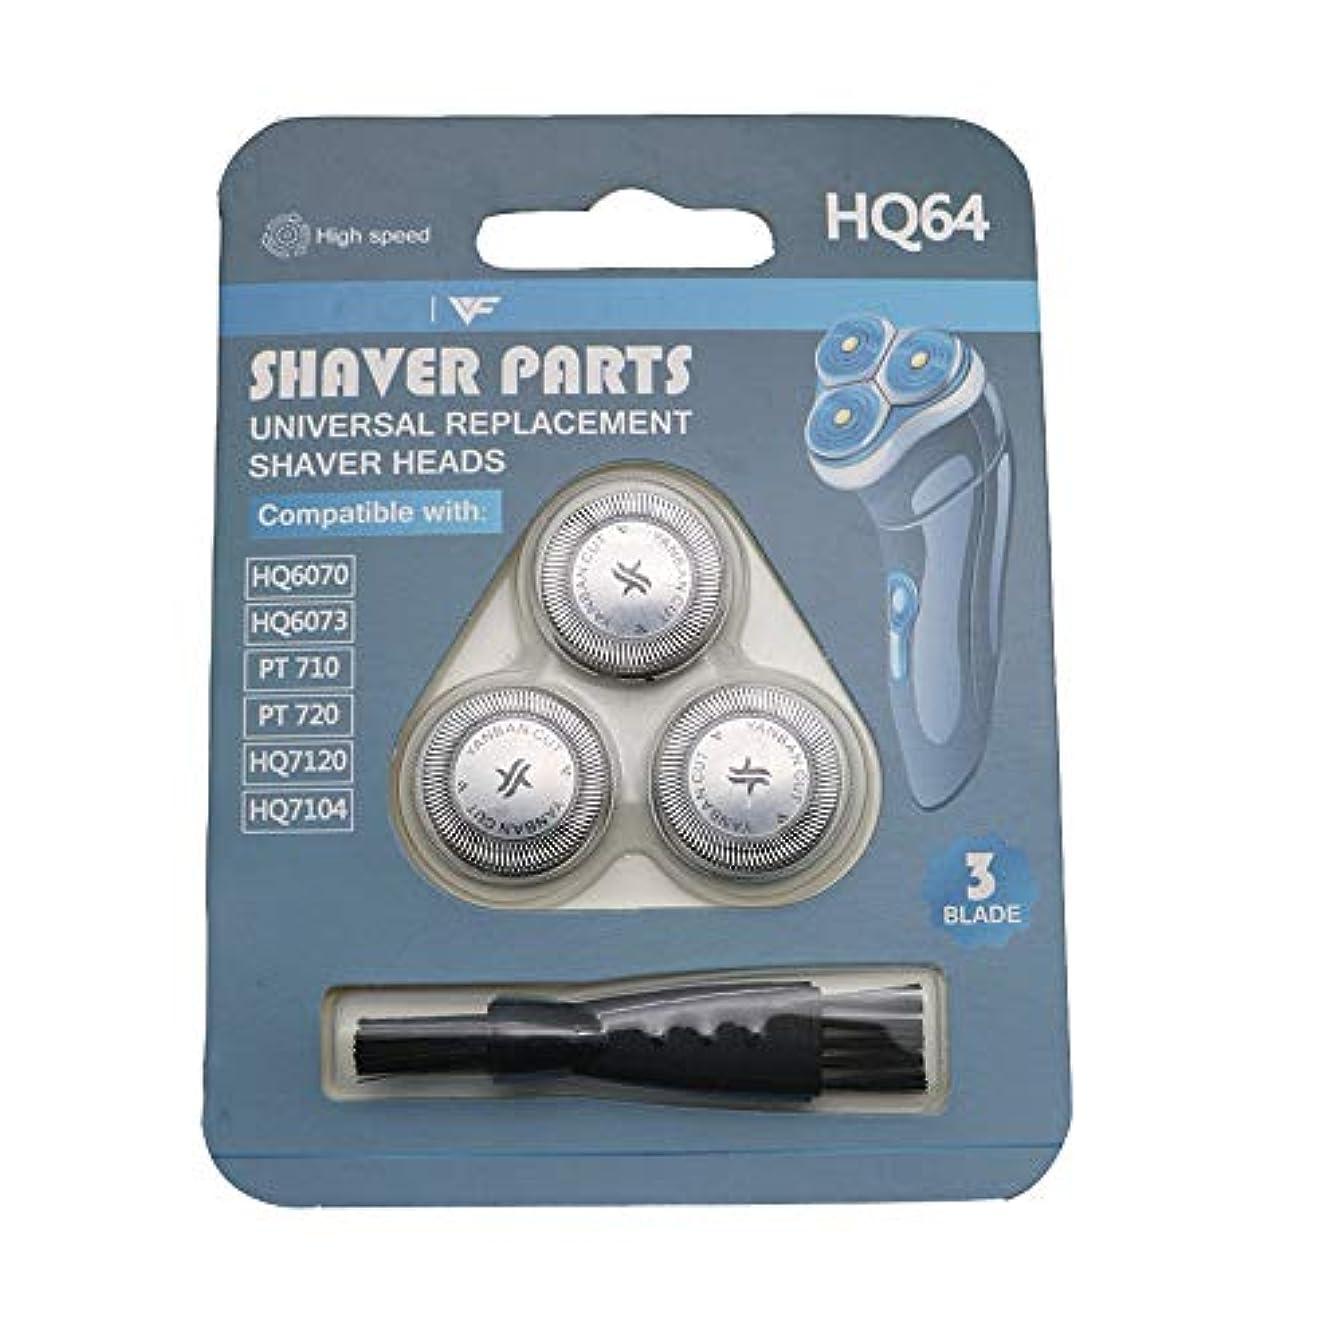 シェフオズワルド不規則なWuYan メンズシェーバー 置換品 3個 交換用 シェーバー ヘッド互換性 Philips Hq64 Hq54 Hq6070 Hq6073 7310Xl Pt710 Hq7325 Hq7340 Pt715 Pt725...